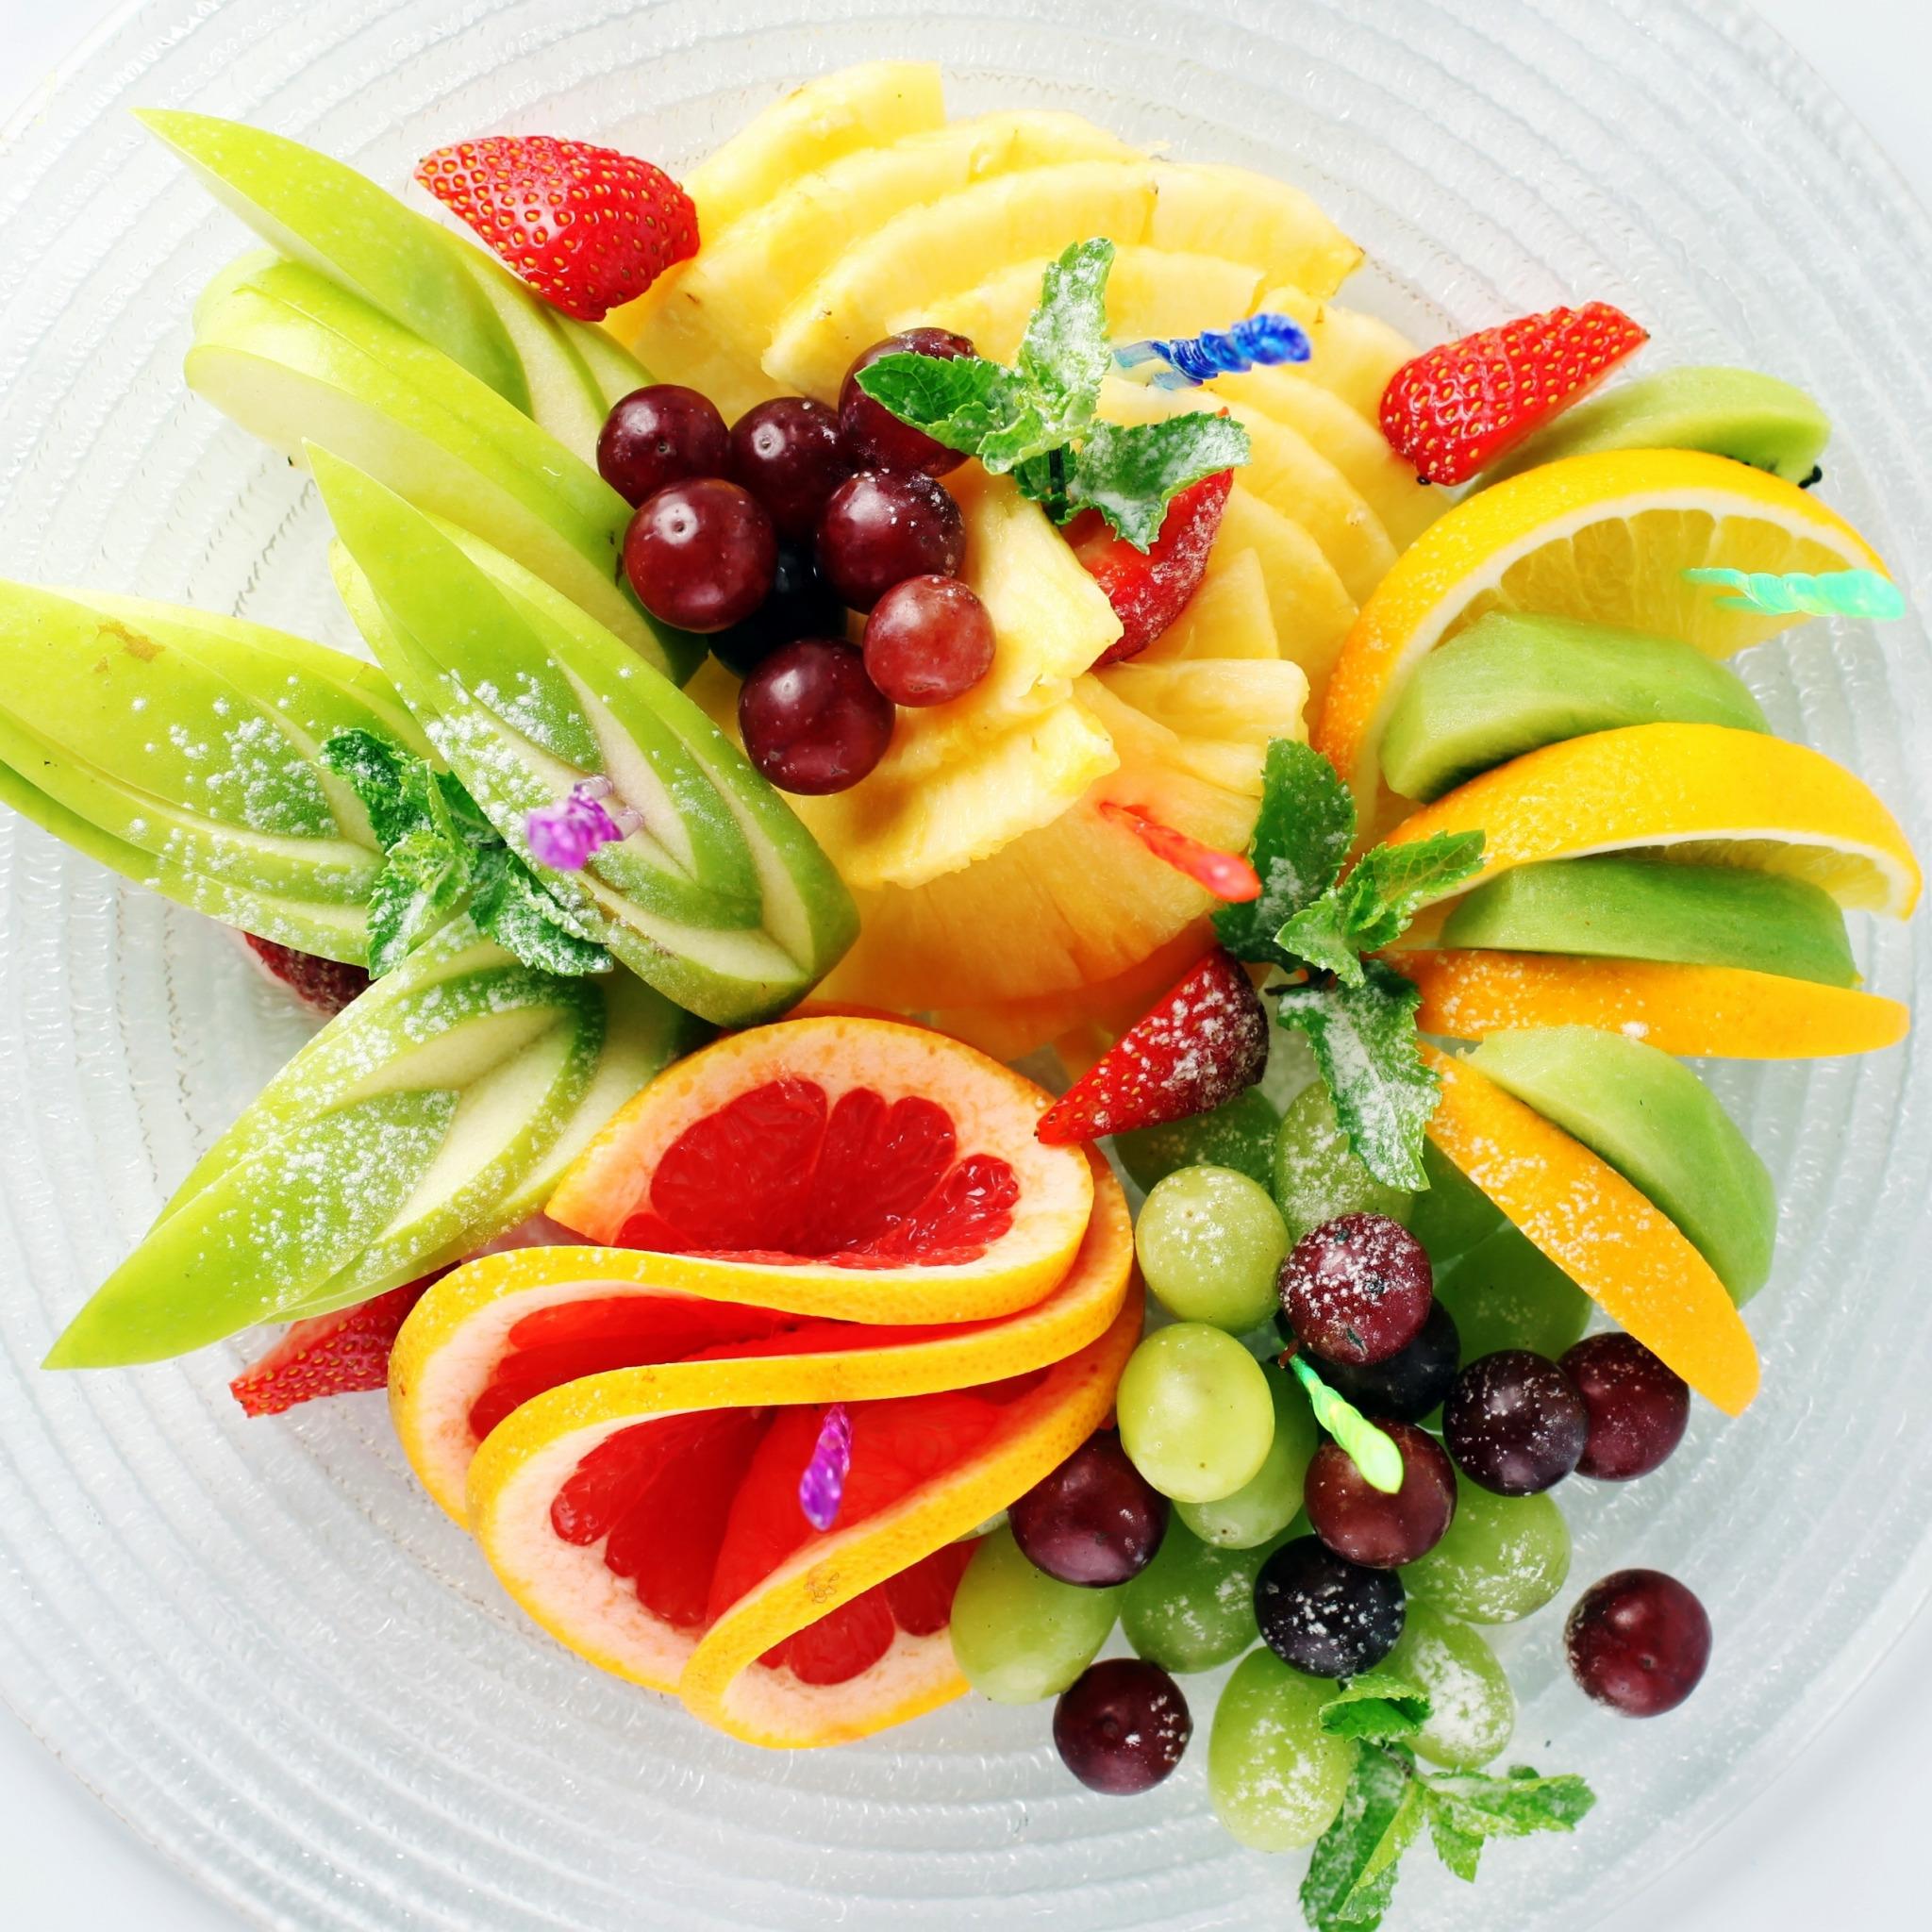 же, как красиво уложить фрукты на блюде фото наших реалиях